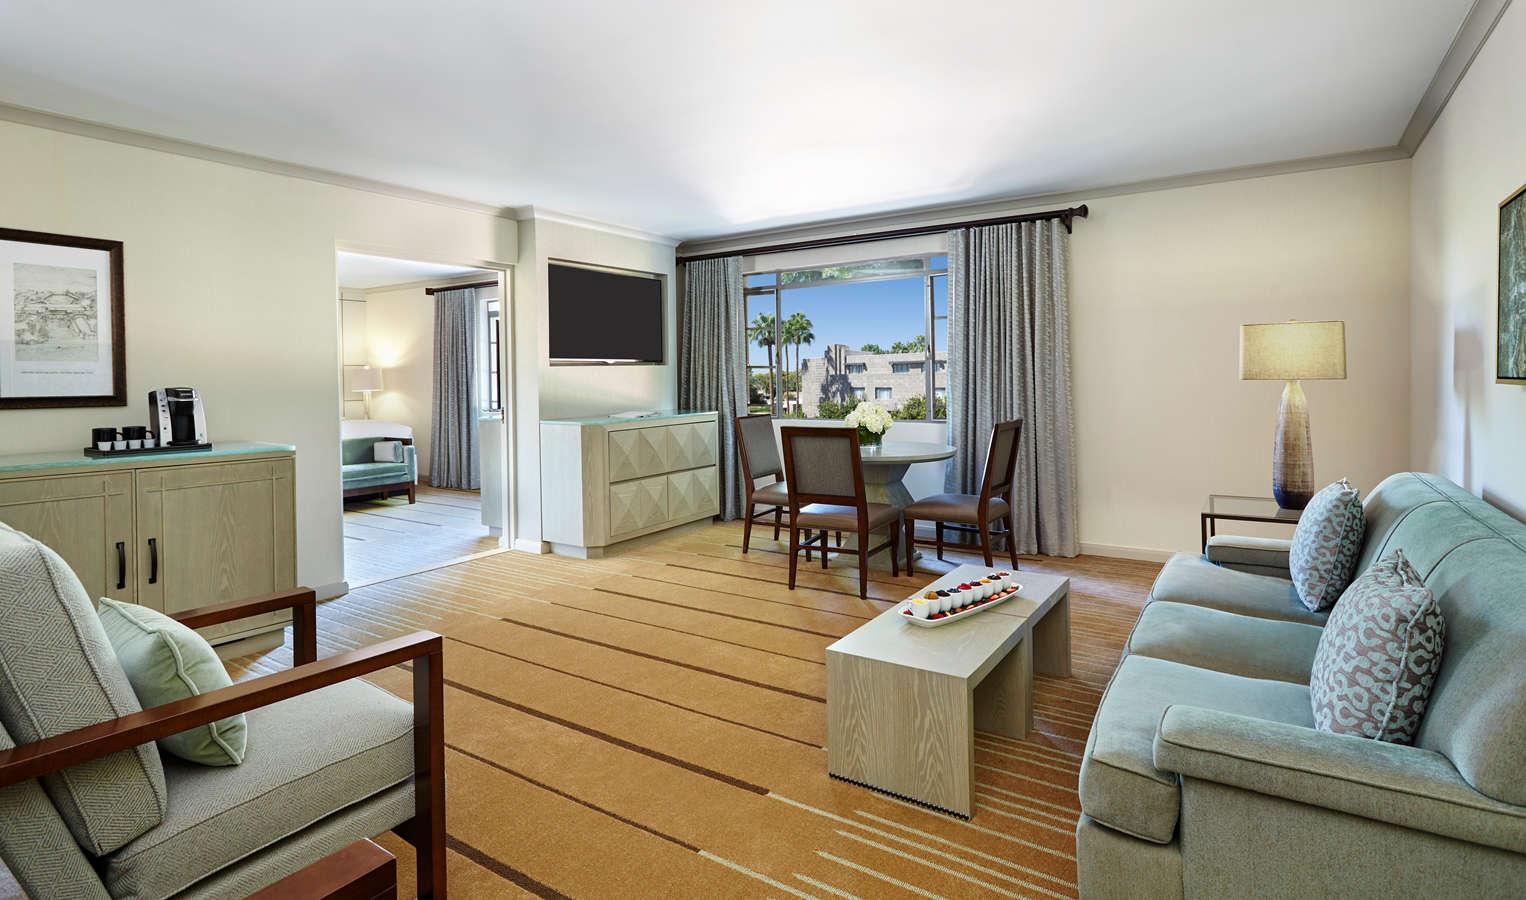 - Villa 1 Bedroom Suite - Image 1/10